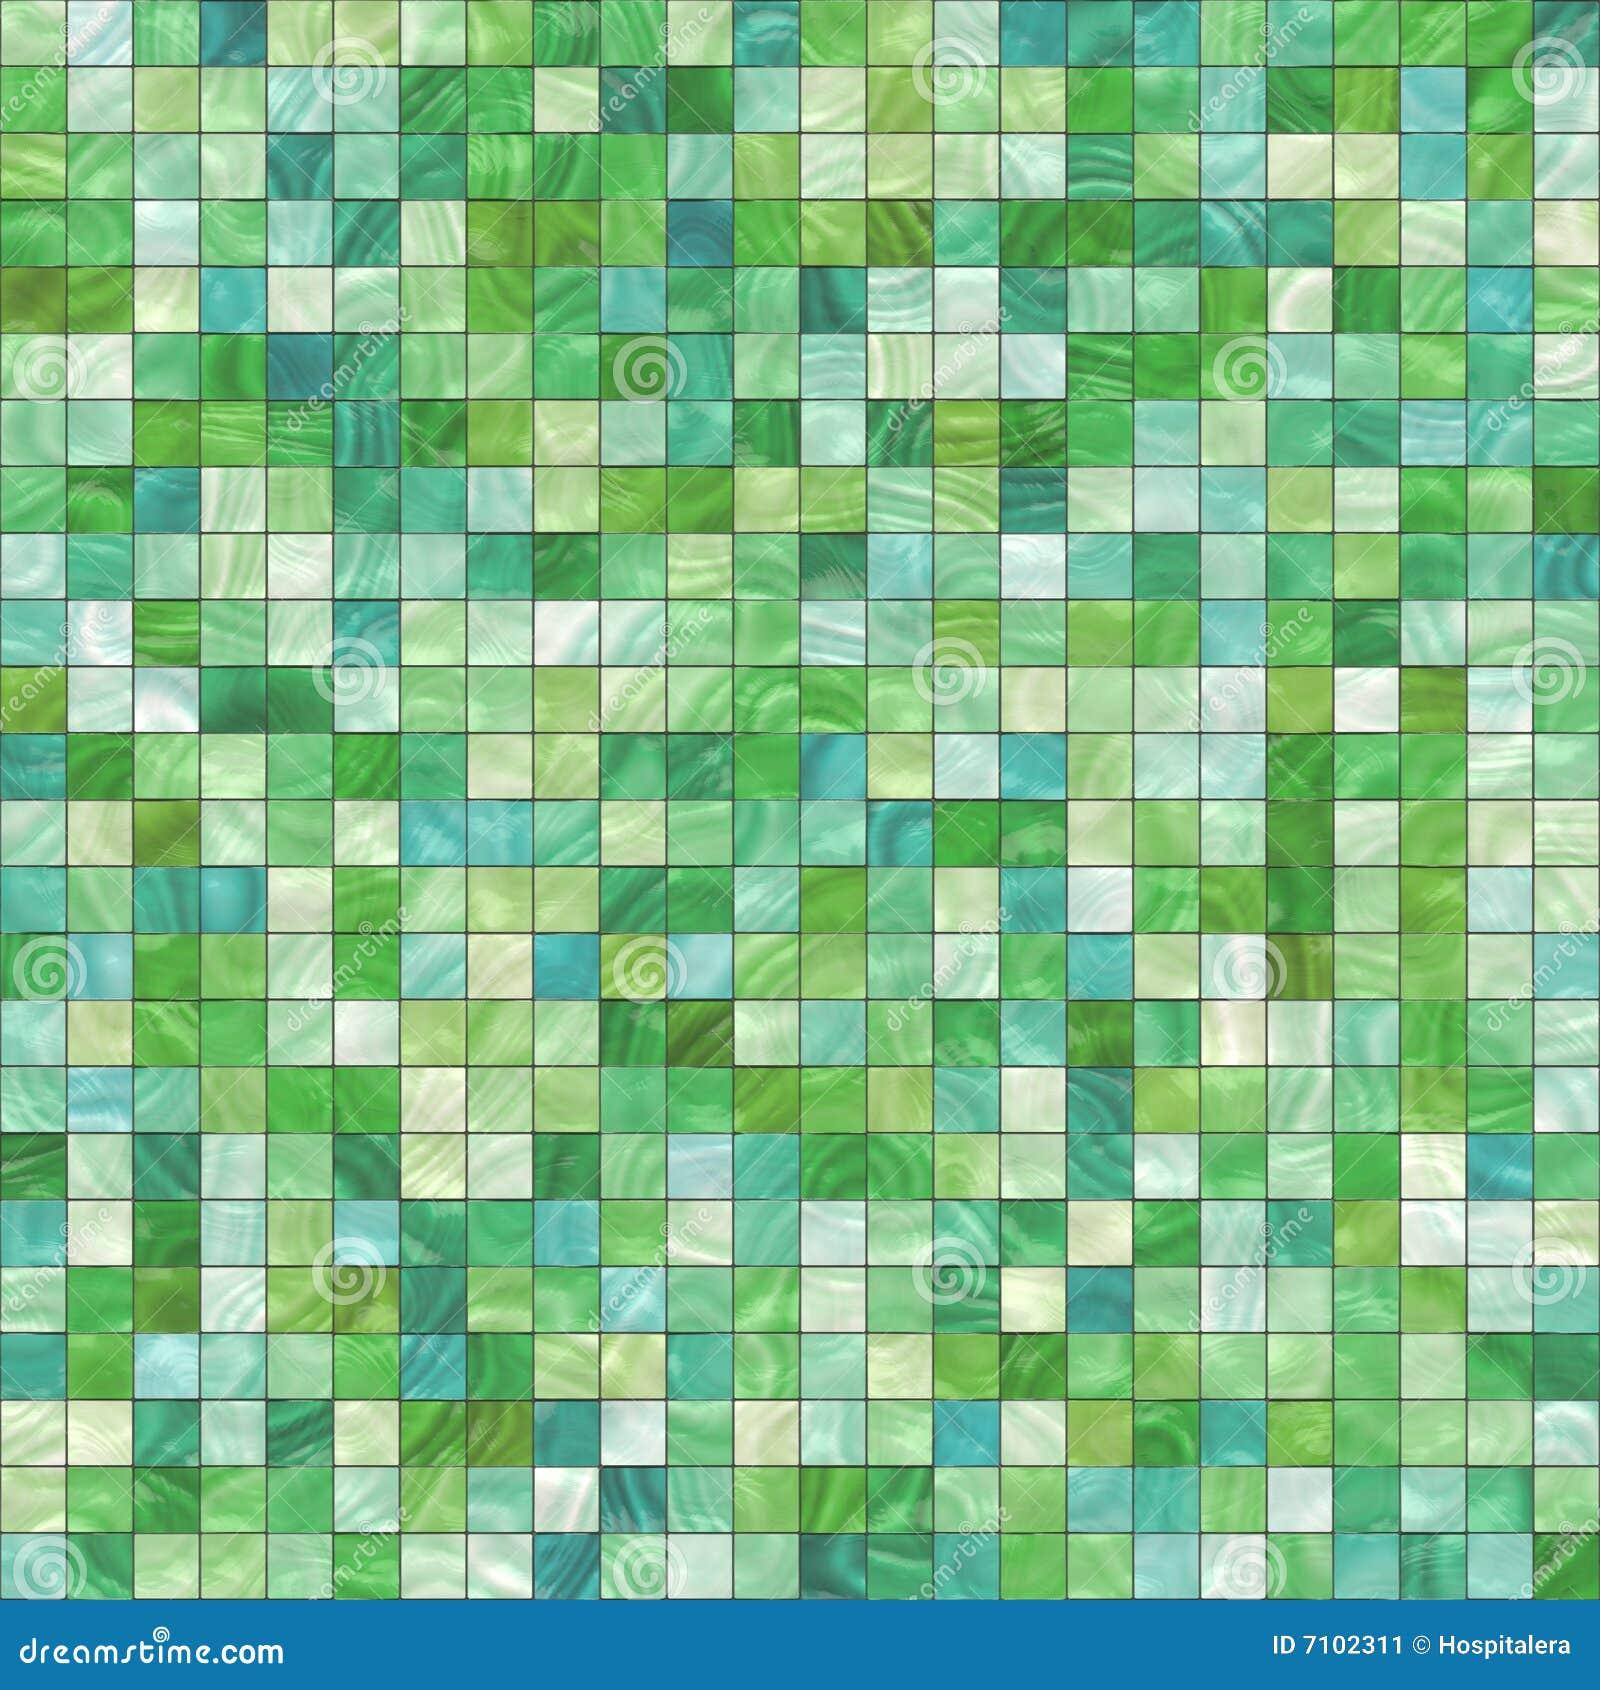 Baños Con Azulejos Verdes:verde irregular liso del cuarto de baño o azulejos o pared, azulejos